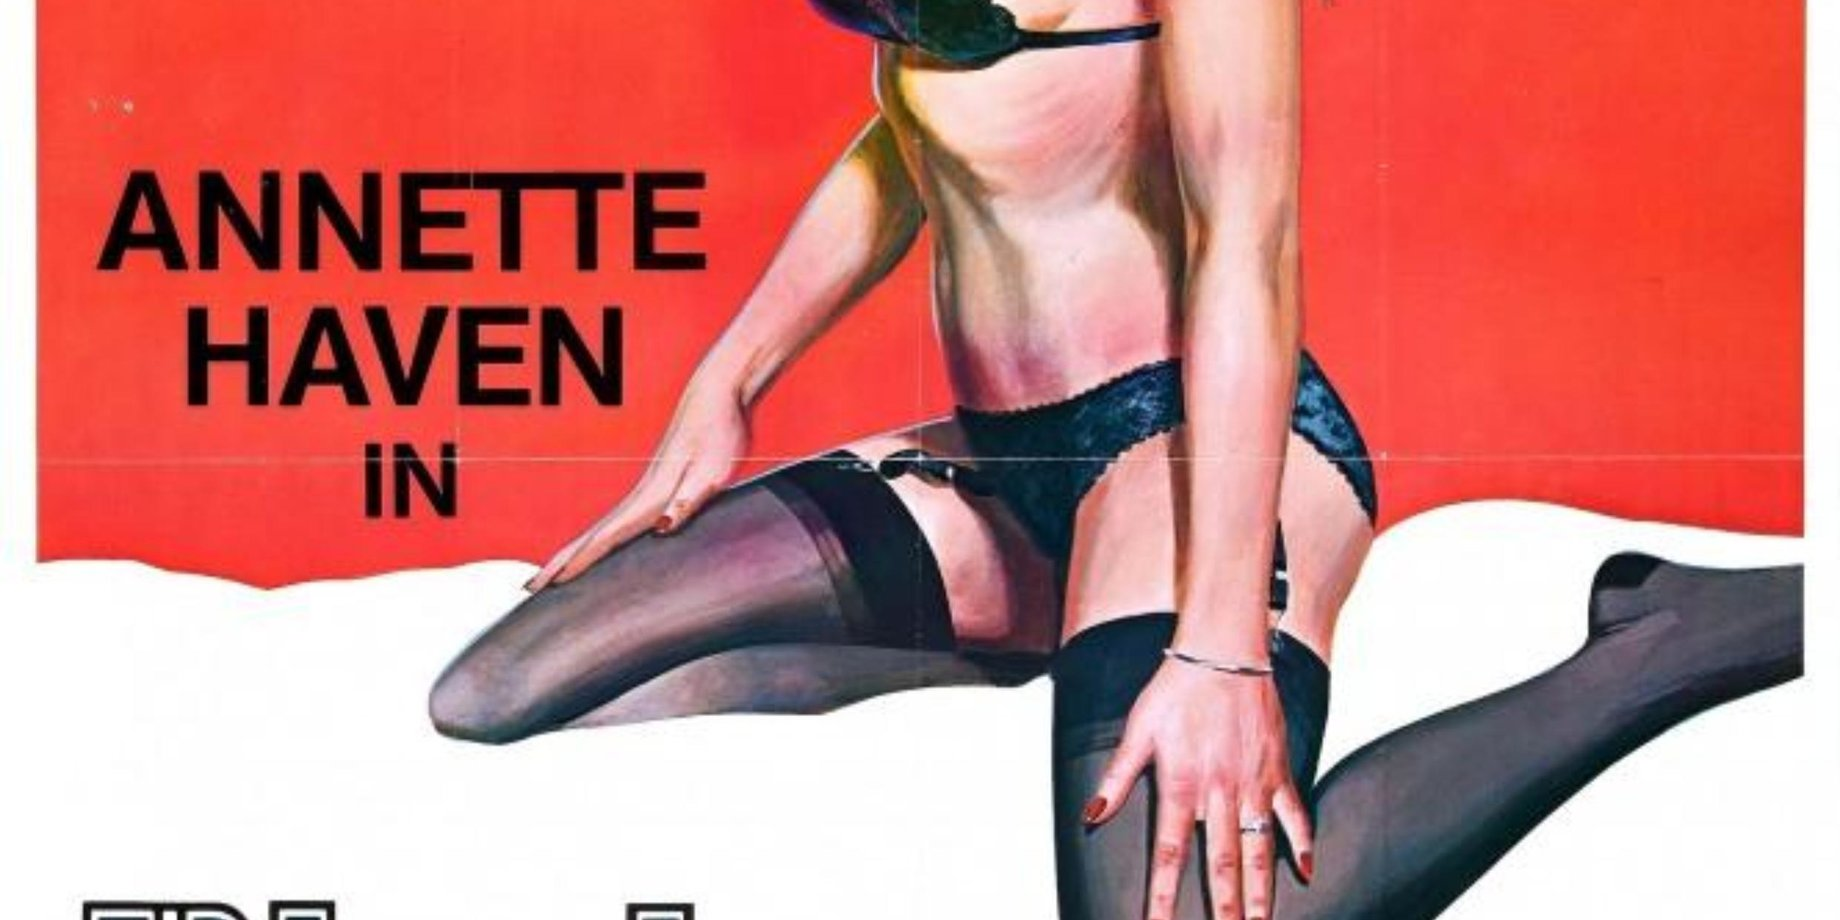 Черные шелковые чулки смотреть онлайн 22 фотография